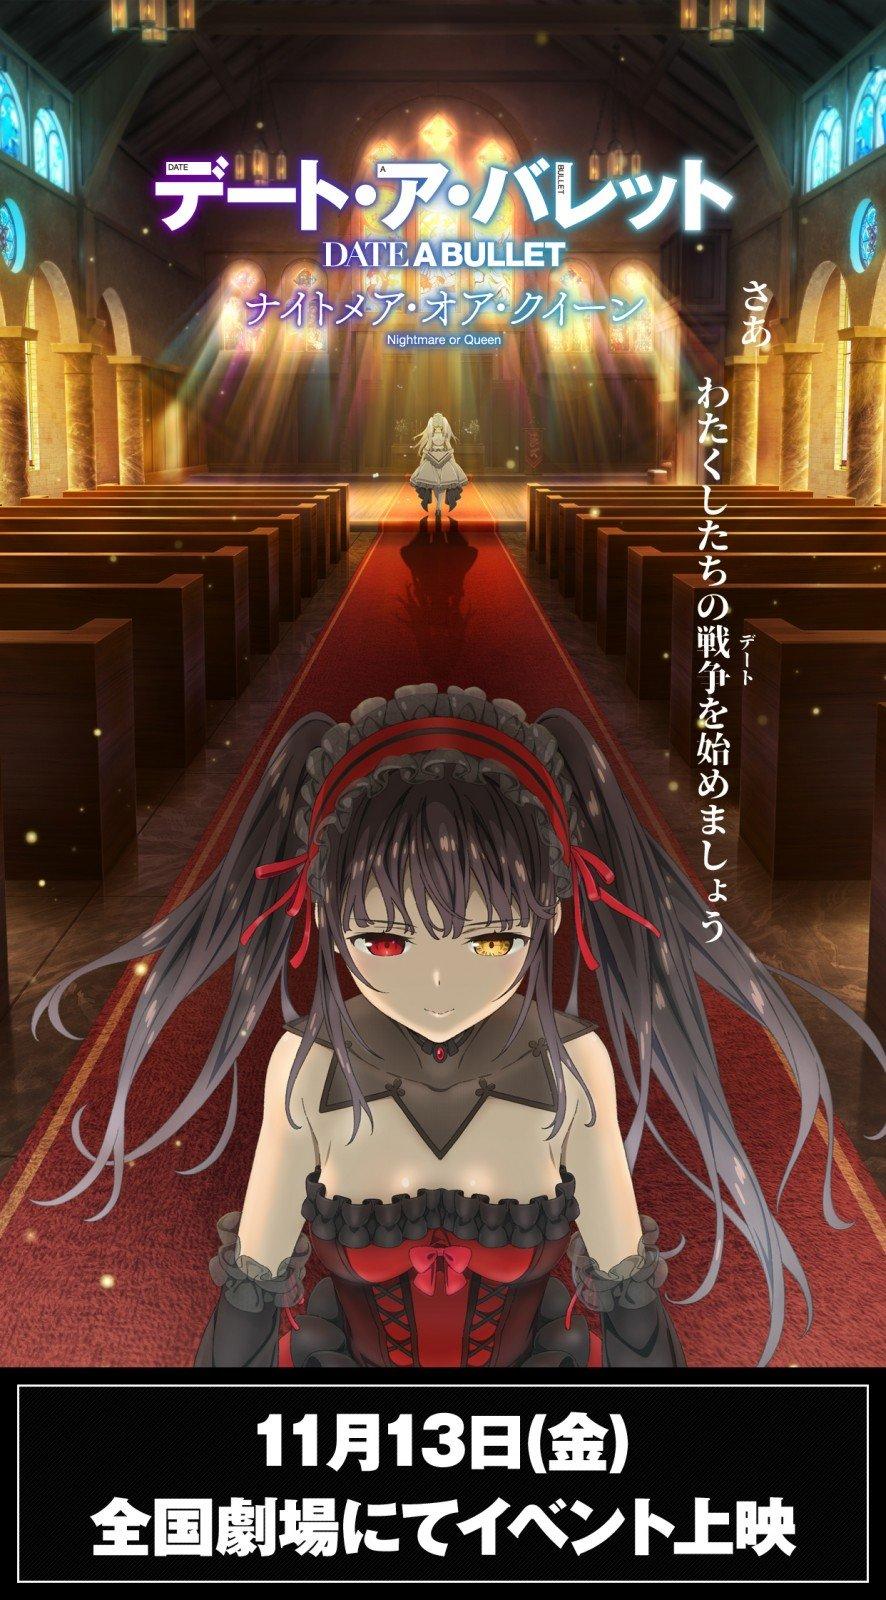 Imagen promocional oficial de 'Date A Bullet Nightmare or Queen' con Kurumi caminando hacia la salida de una iglesia mientras al fondo y frente al altar se ve a la reina blanca.